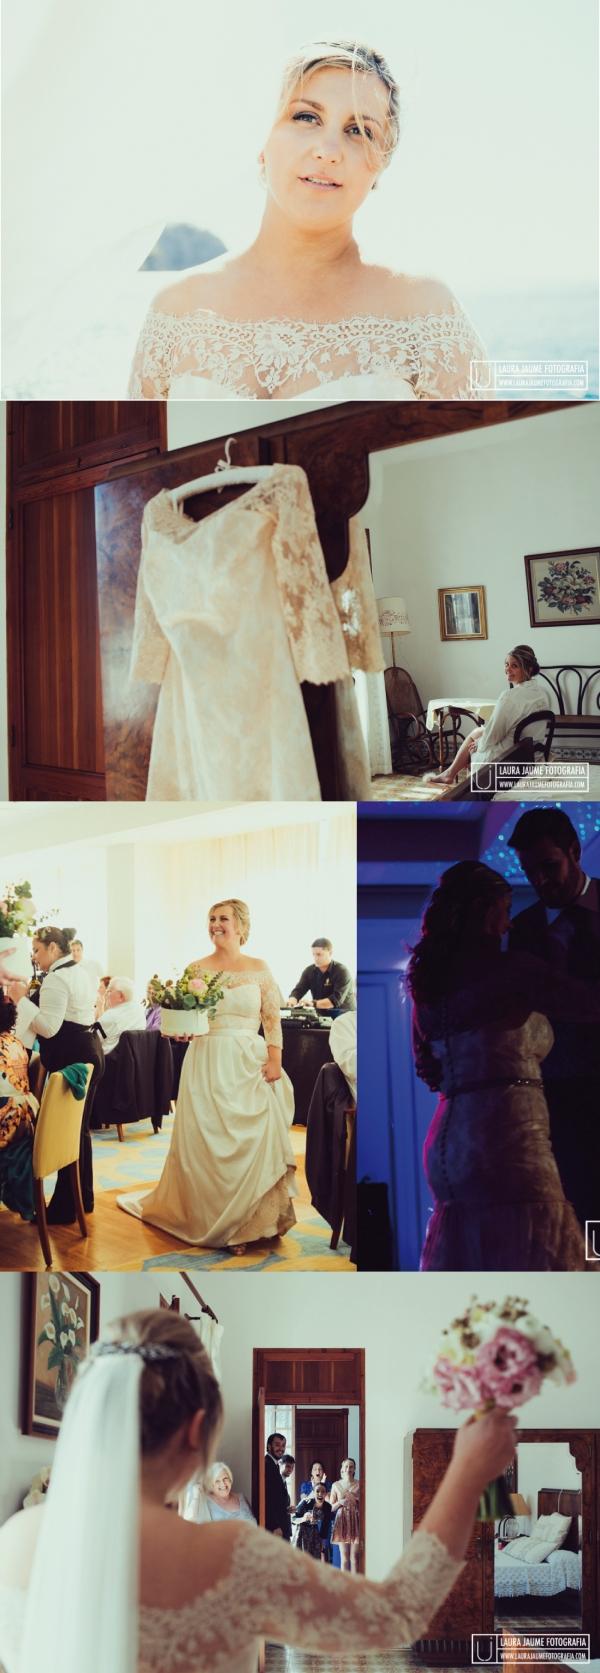 laurajaumefotografia.com